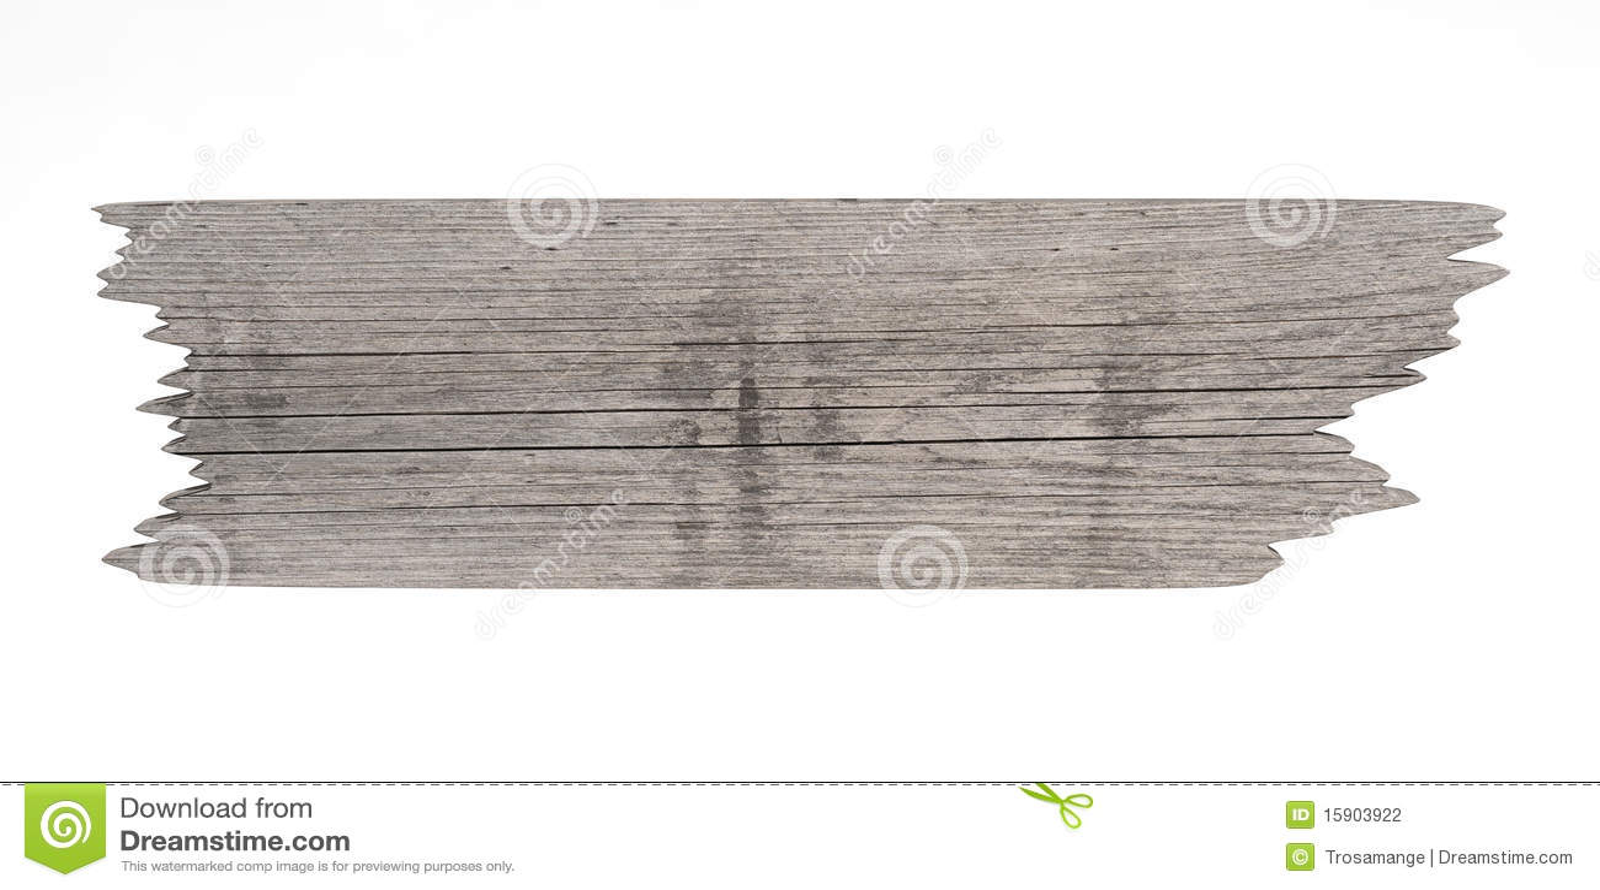 Vieille planche en bois photographie stock image 15903922 - Vieille planche bois ...